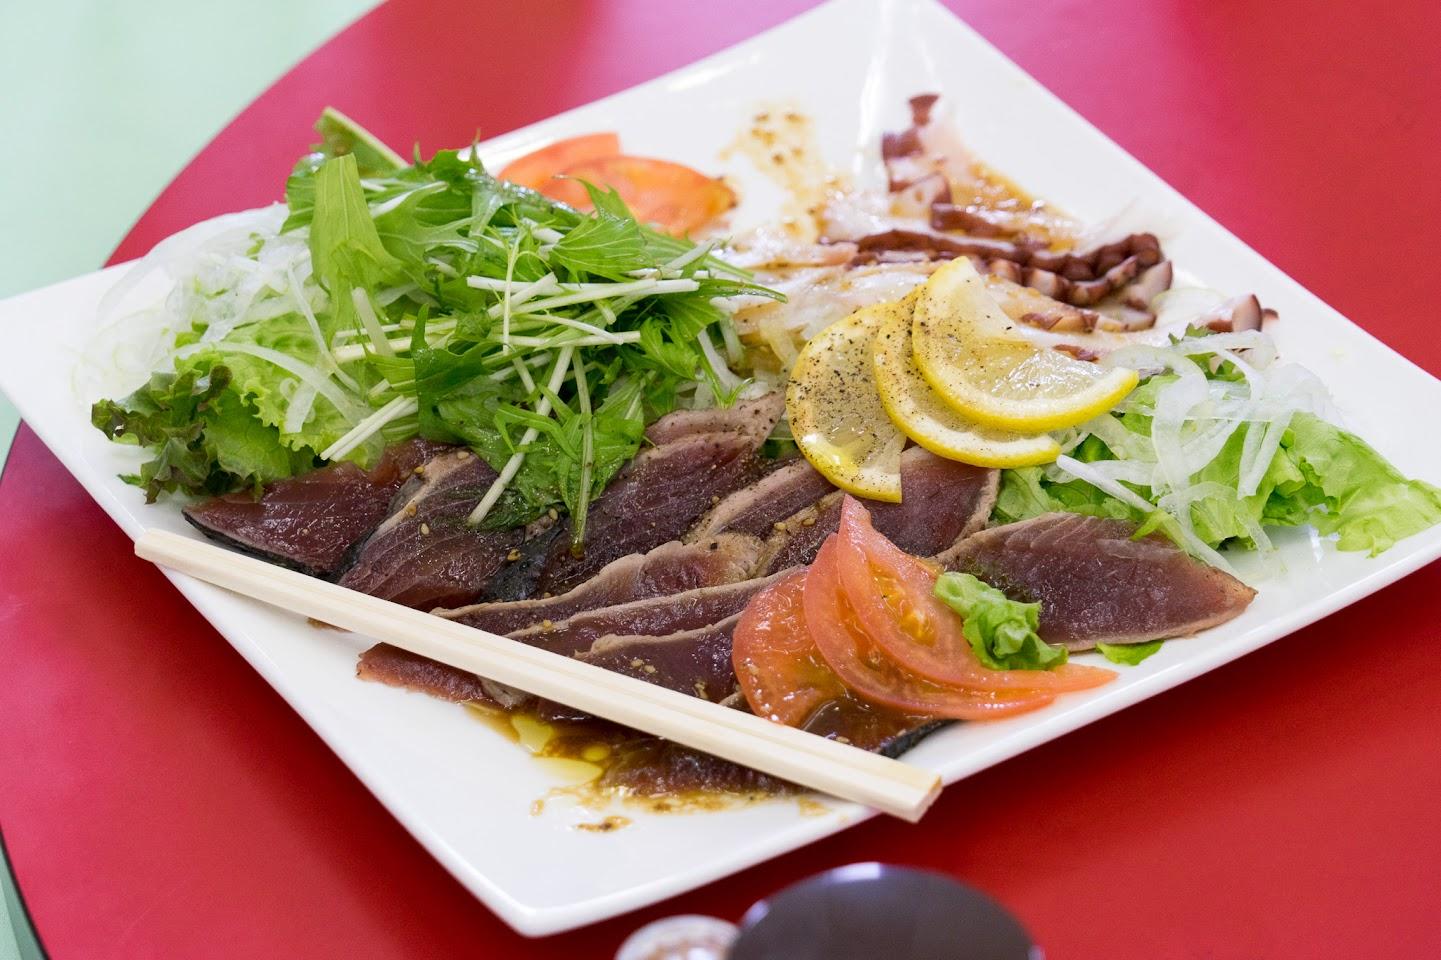 鰹のタタキと蛸のサラダ仕立て